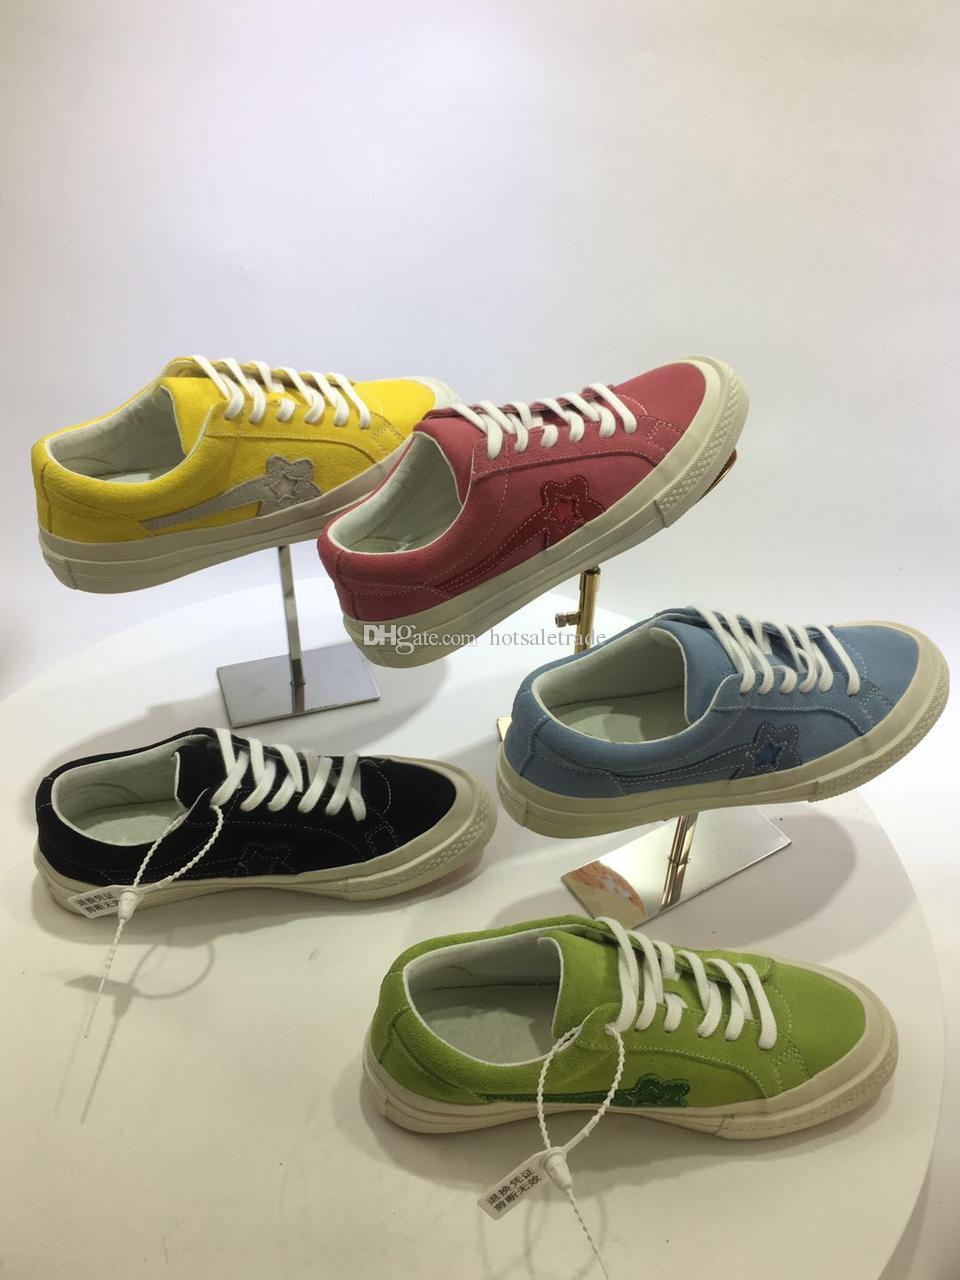 Uma Estrela X Golf Black Canvas Sneaker Das Mulheres Dos Homens Sapatos Casuais Low Top Sneaker de Alta Qualidade Casal Camurça De Couro Da Sapatilha Com caixa, recibo, saco